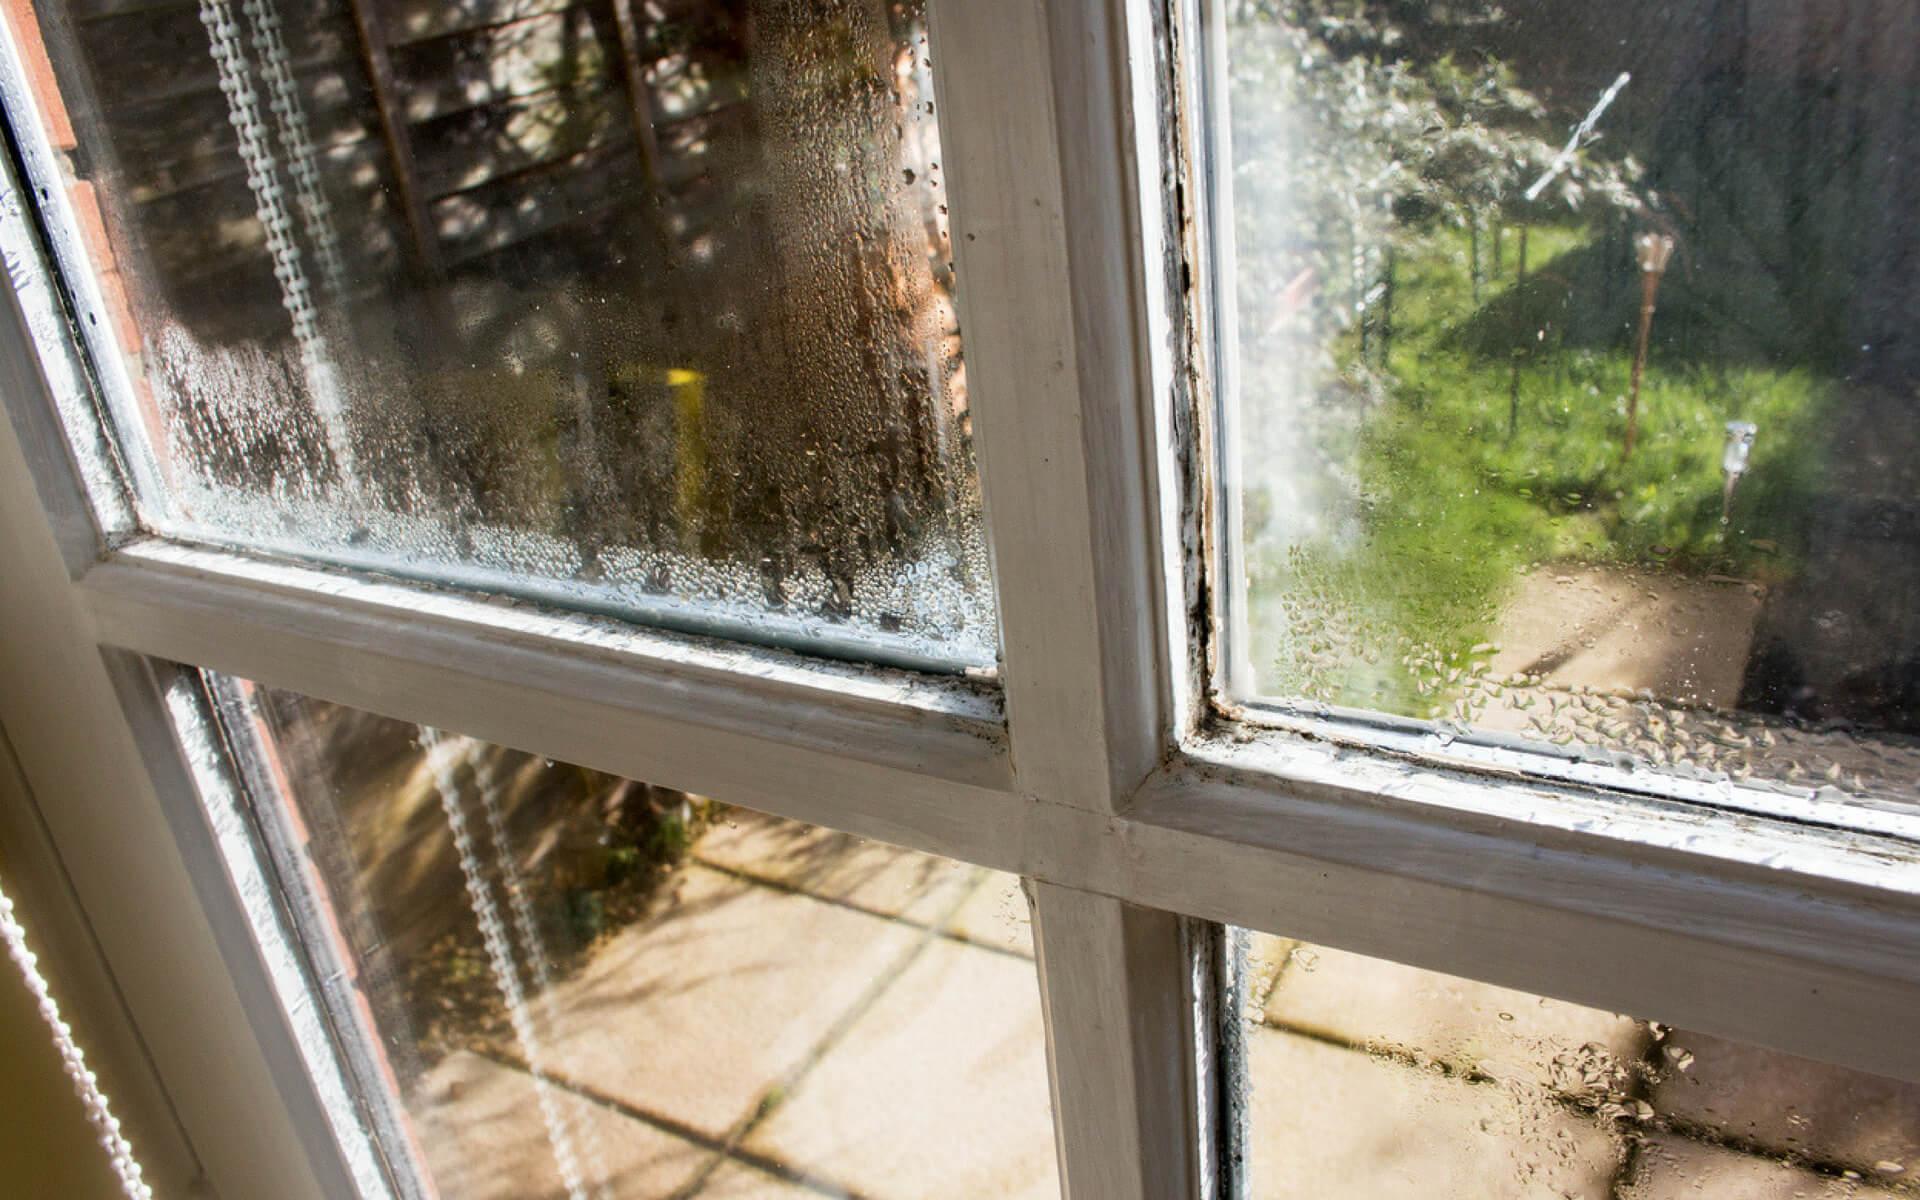 Quando si forma la condensa sui vetri è giunto il momento di cambiare le vecchie finestre